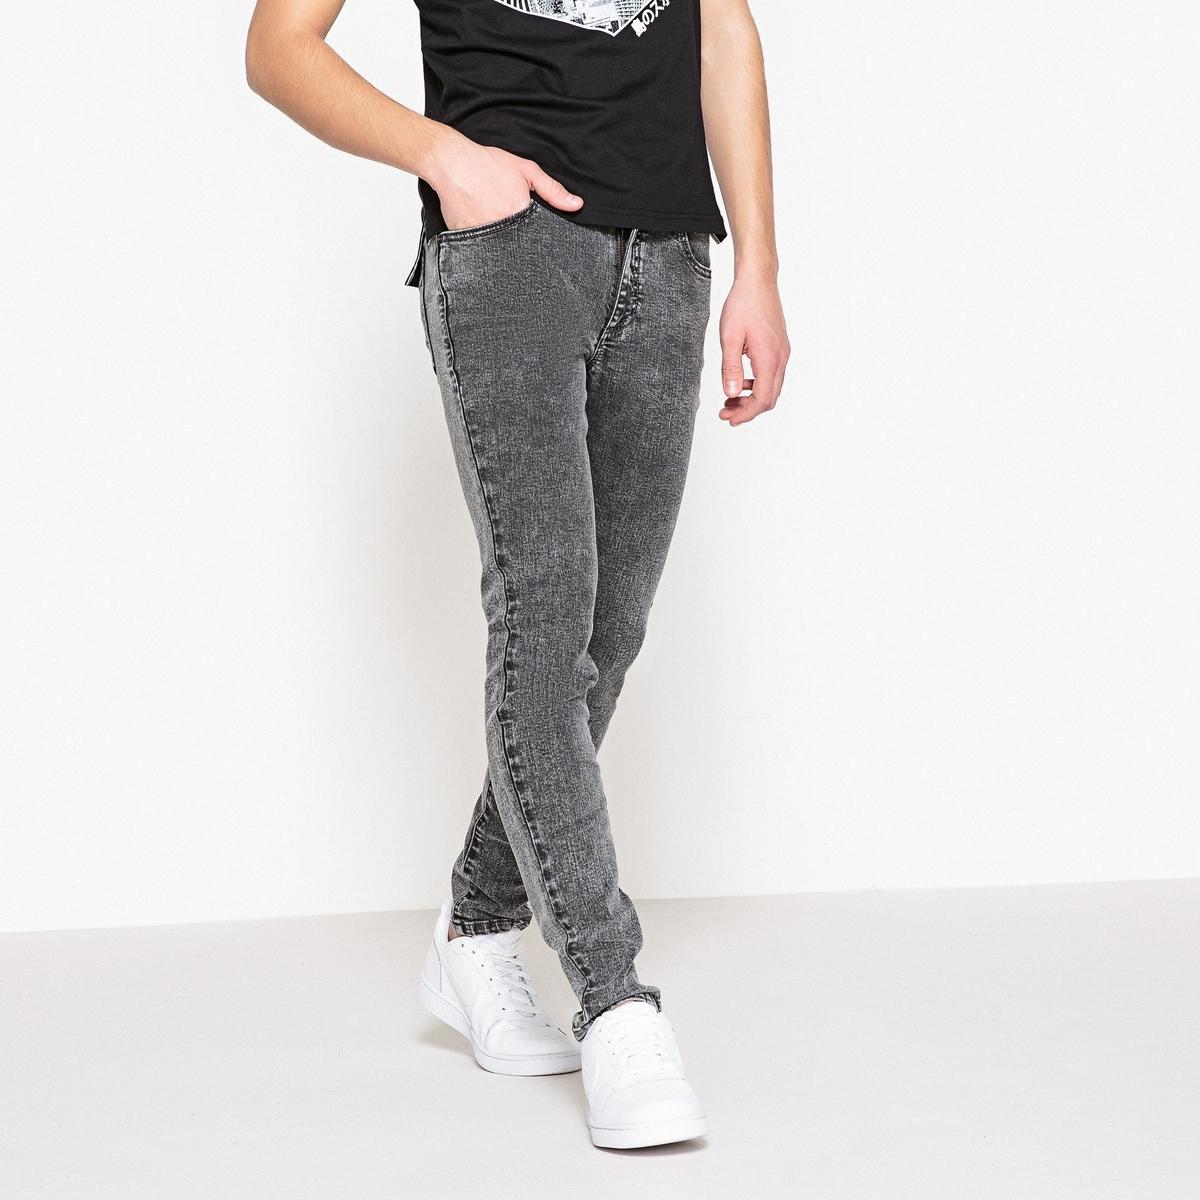 цена Джинсы La Redoute Скинни выбеленные 10 серый онлайн в 2017 году